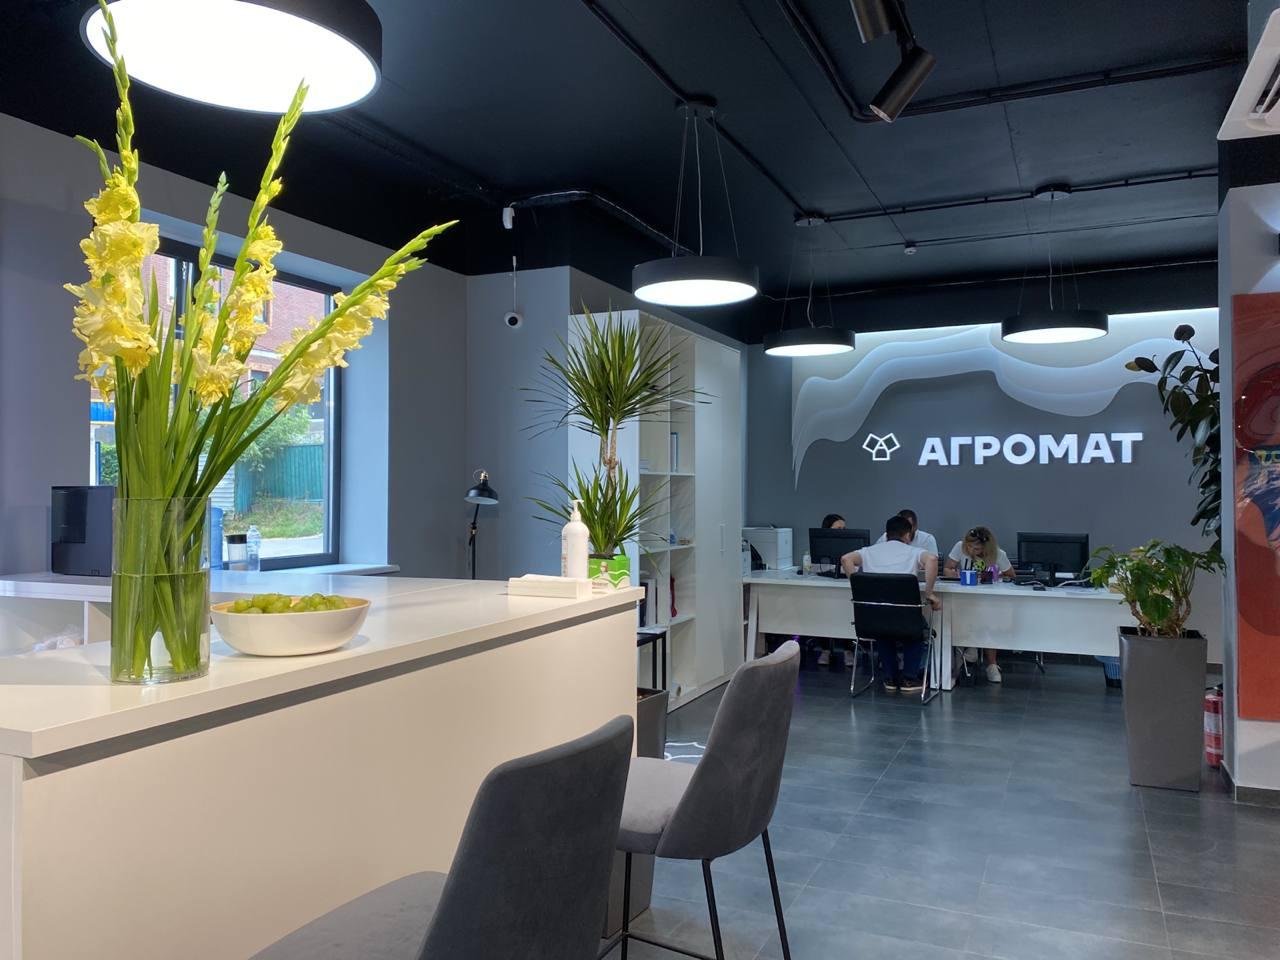 Киев расширяет рынок керамики: открывается новое торговое пространство АГРОМАТ